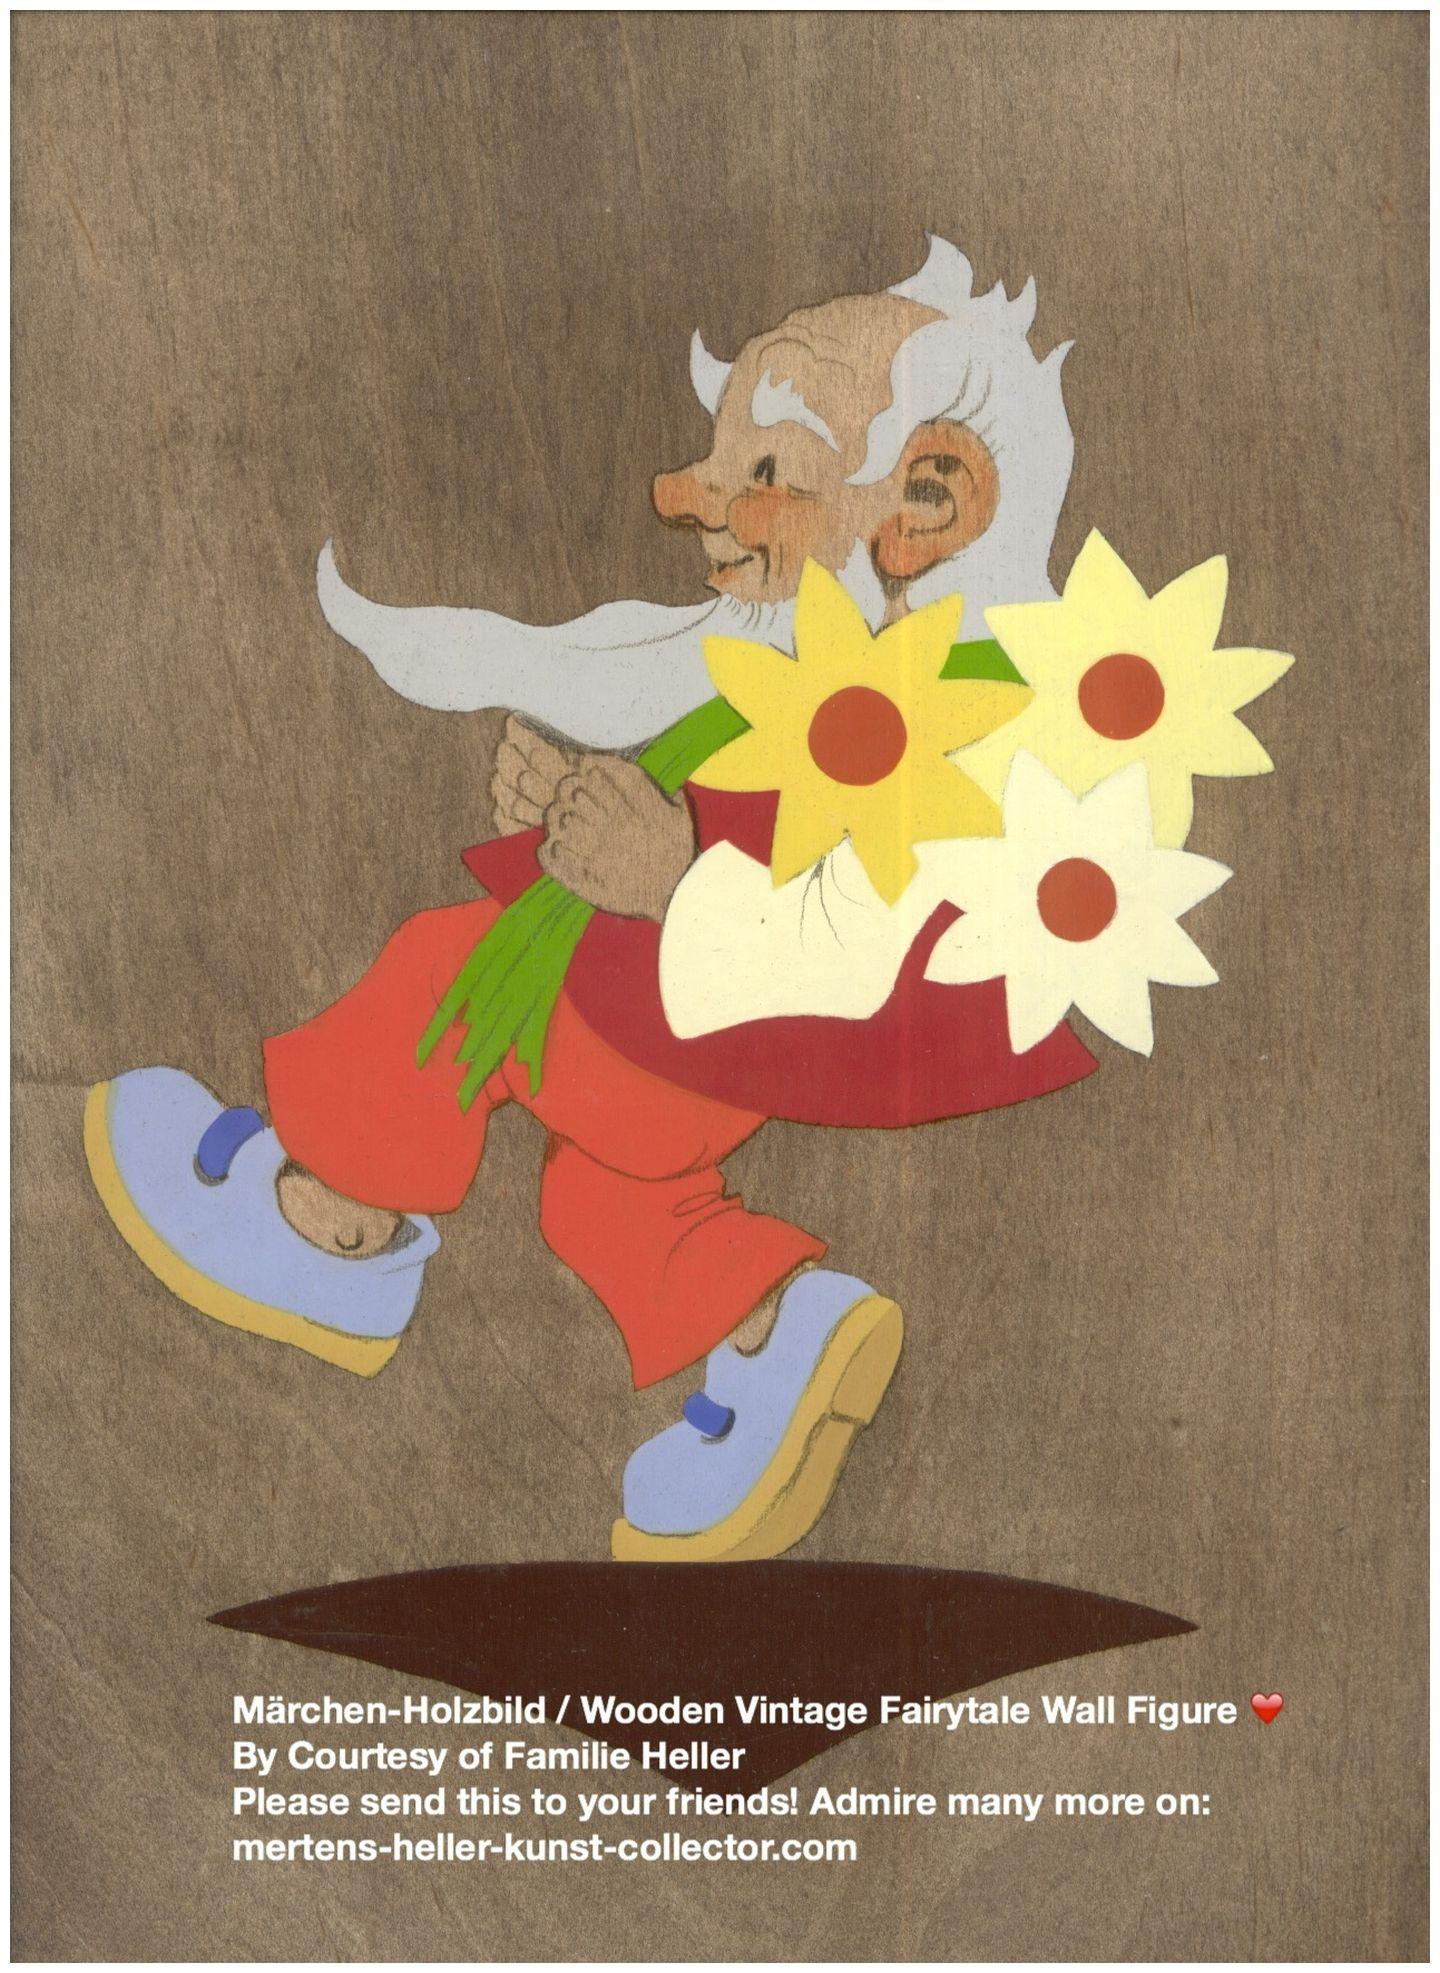 No 3002. Hellerkunst: Zwerg mit gelben Blumen / Dwarf Carrying Yellow Flowers – MHKC – Christiane Dietz